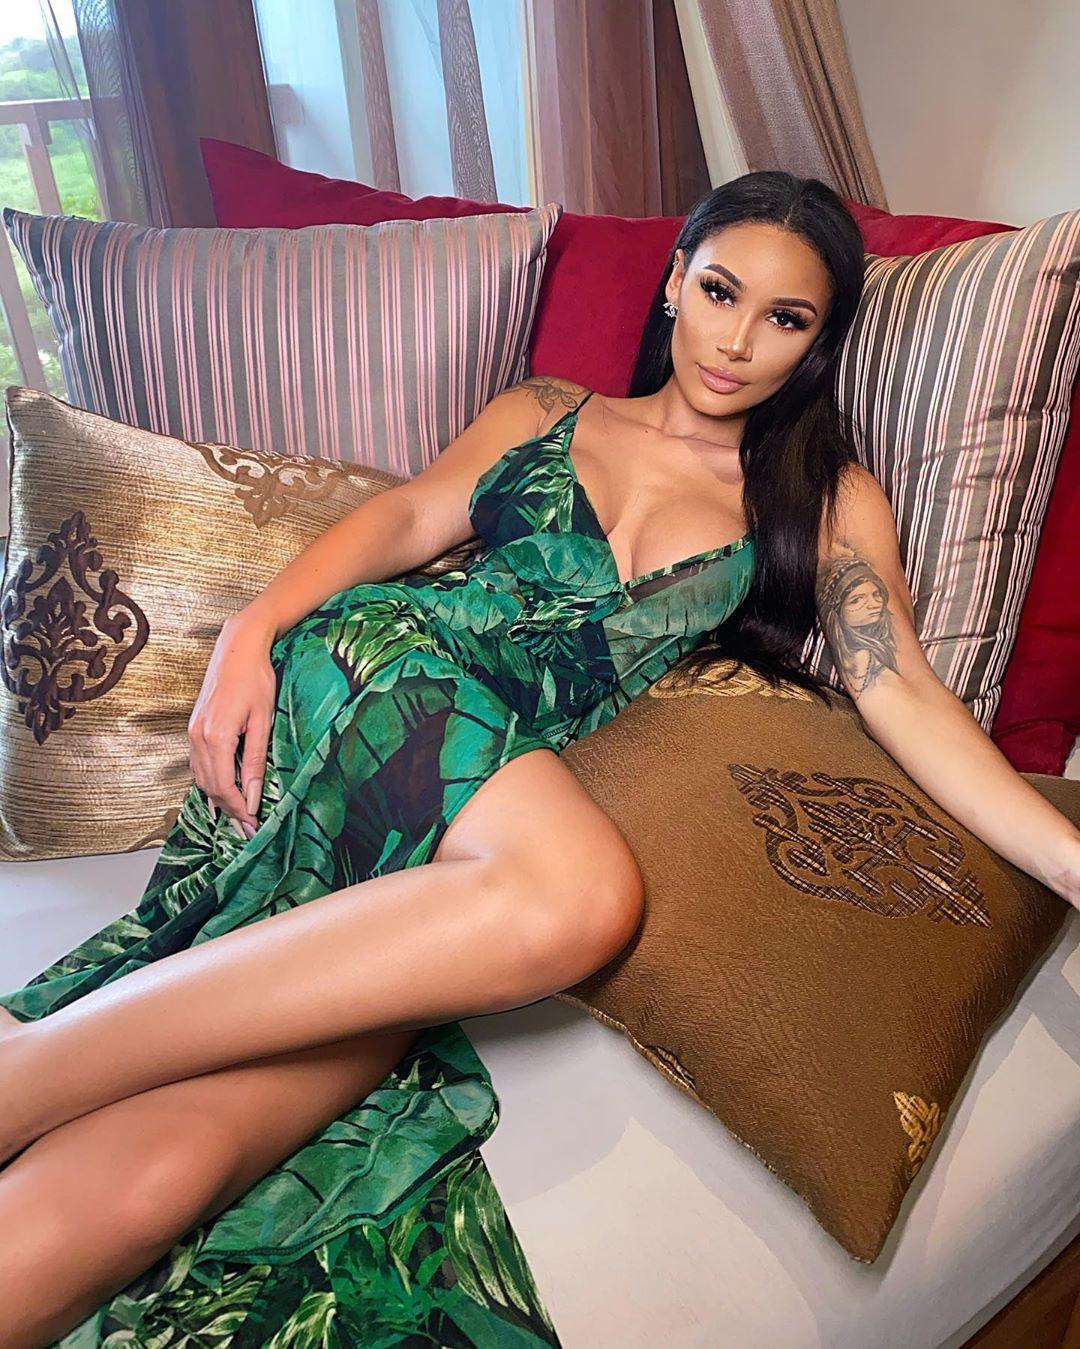 clarisse juliette photoshoot poses, hot legs, legs pic